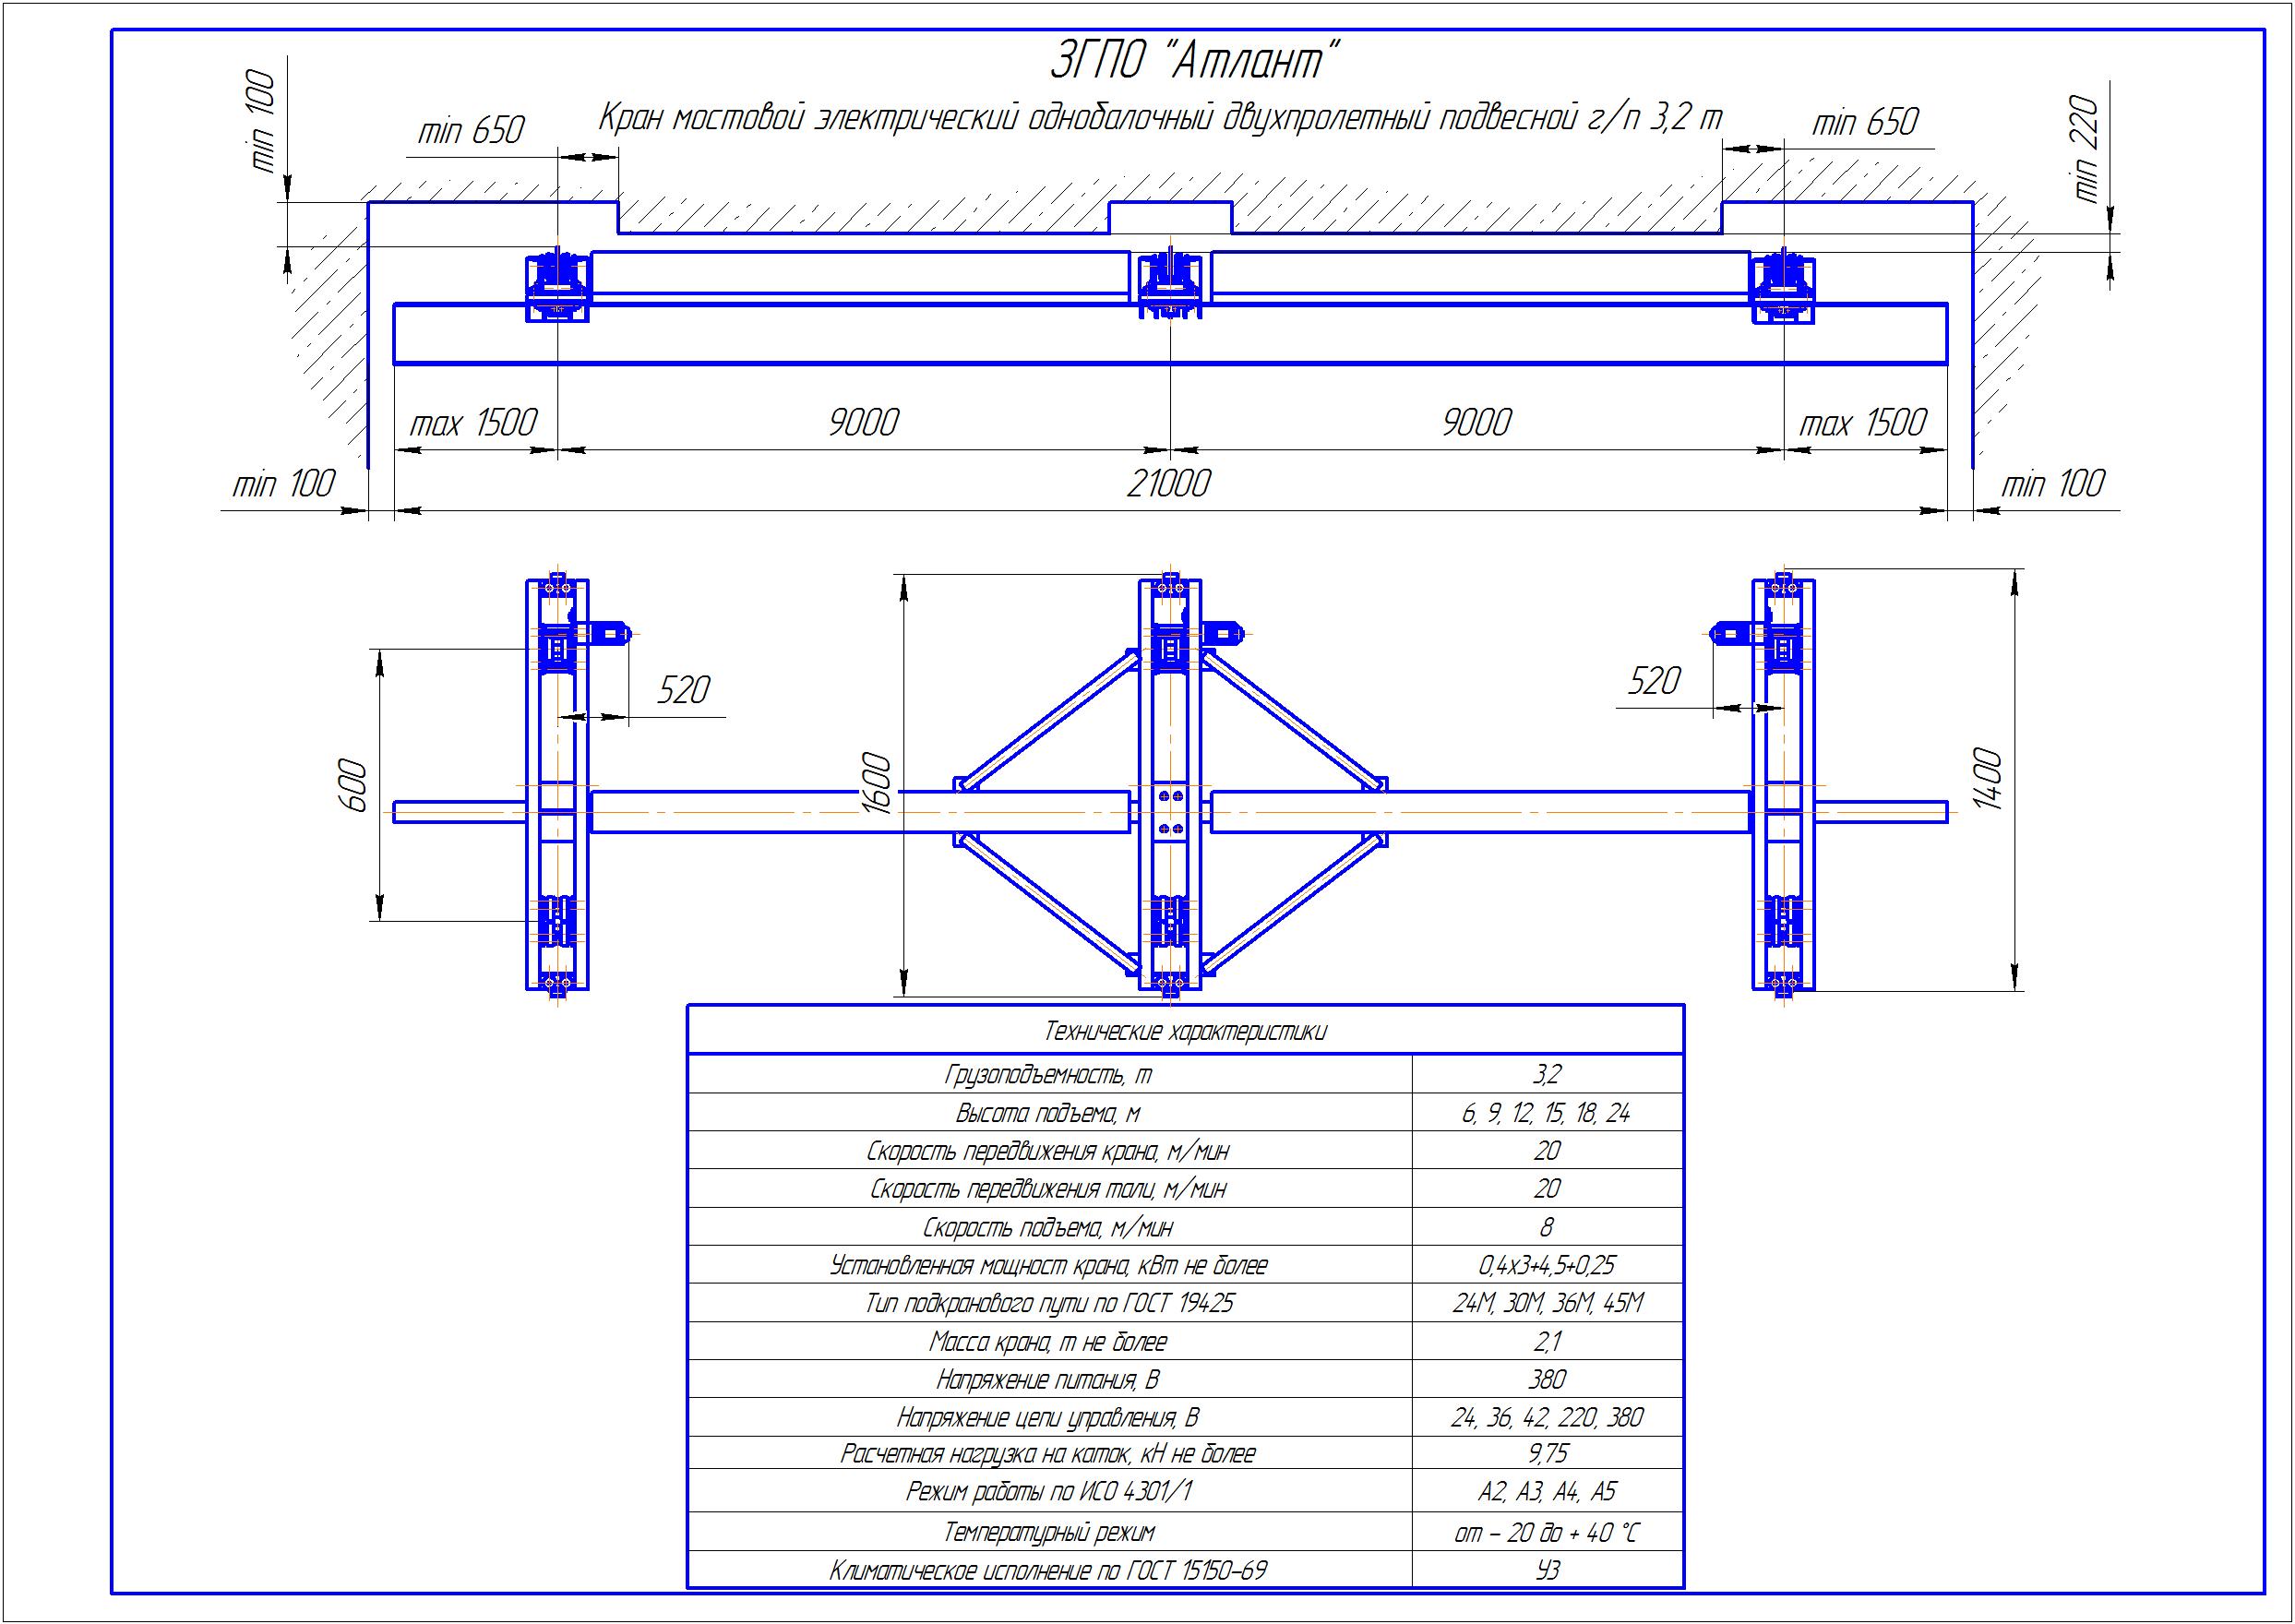 KBPD 3 2 - Подвесная кран балка двухпролетная